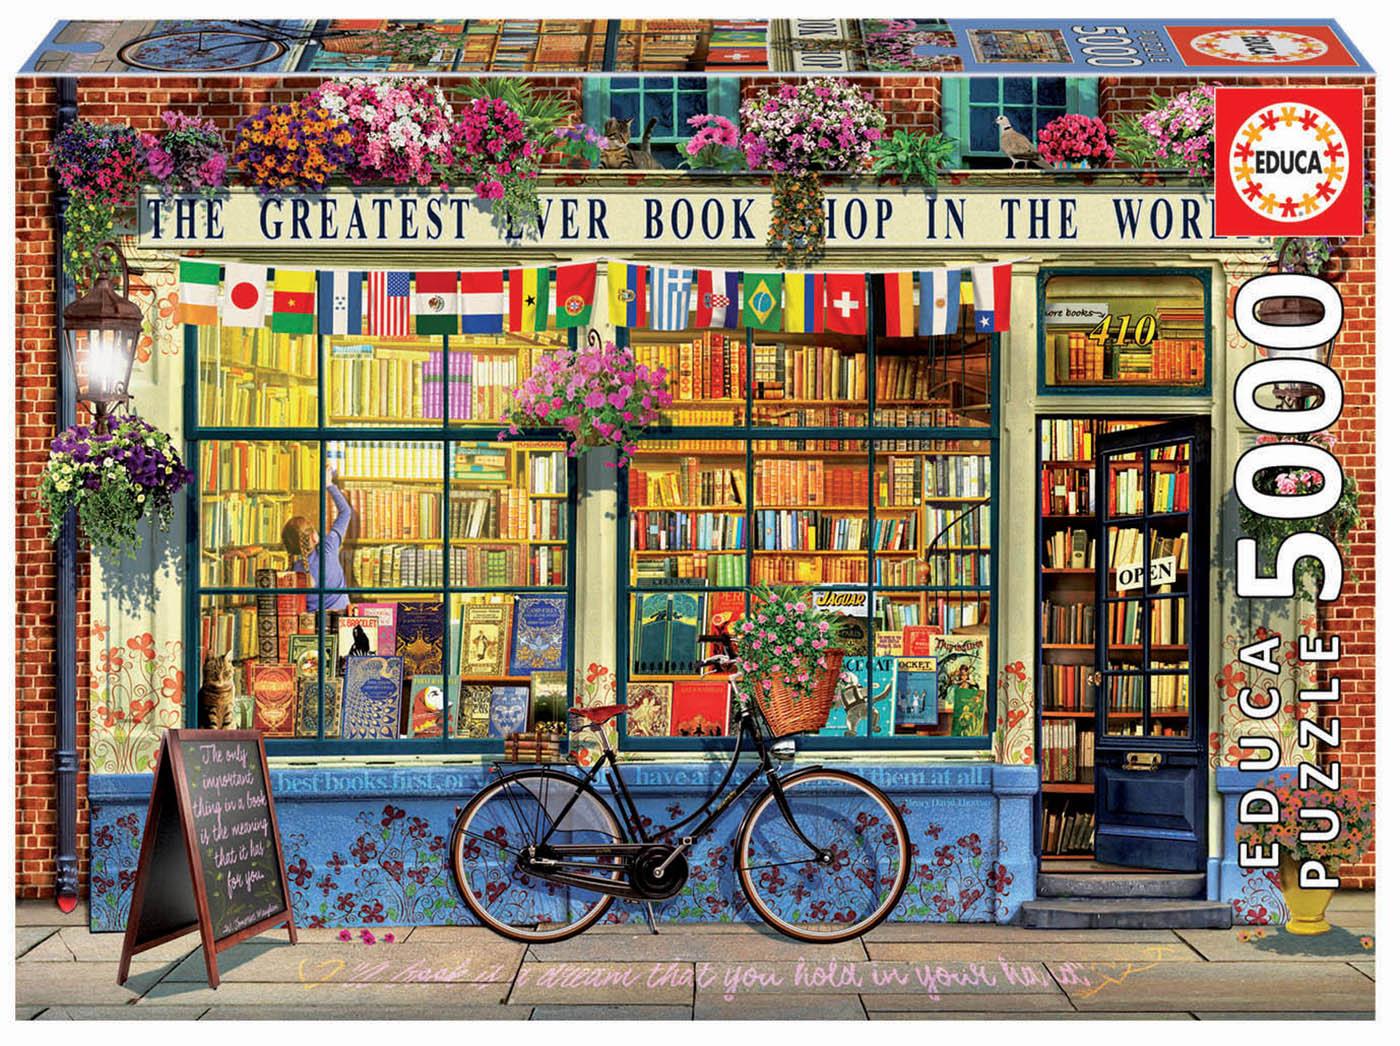 5000 La meilleure librairie du monde